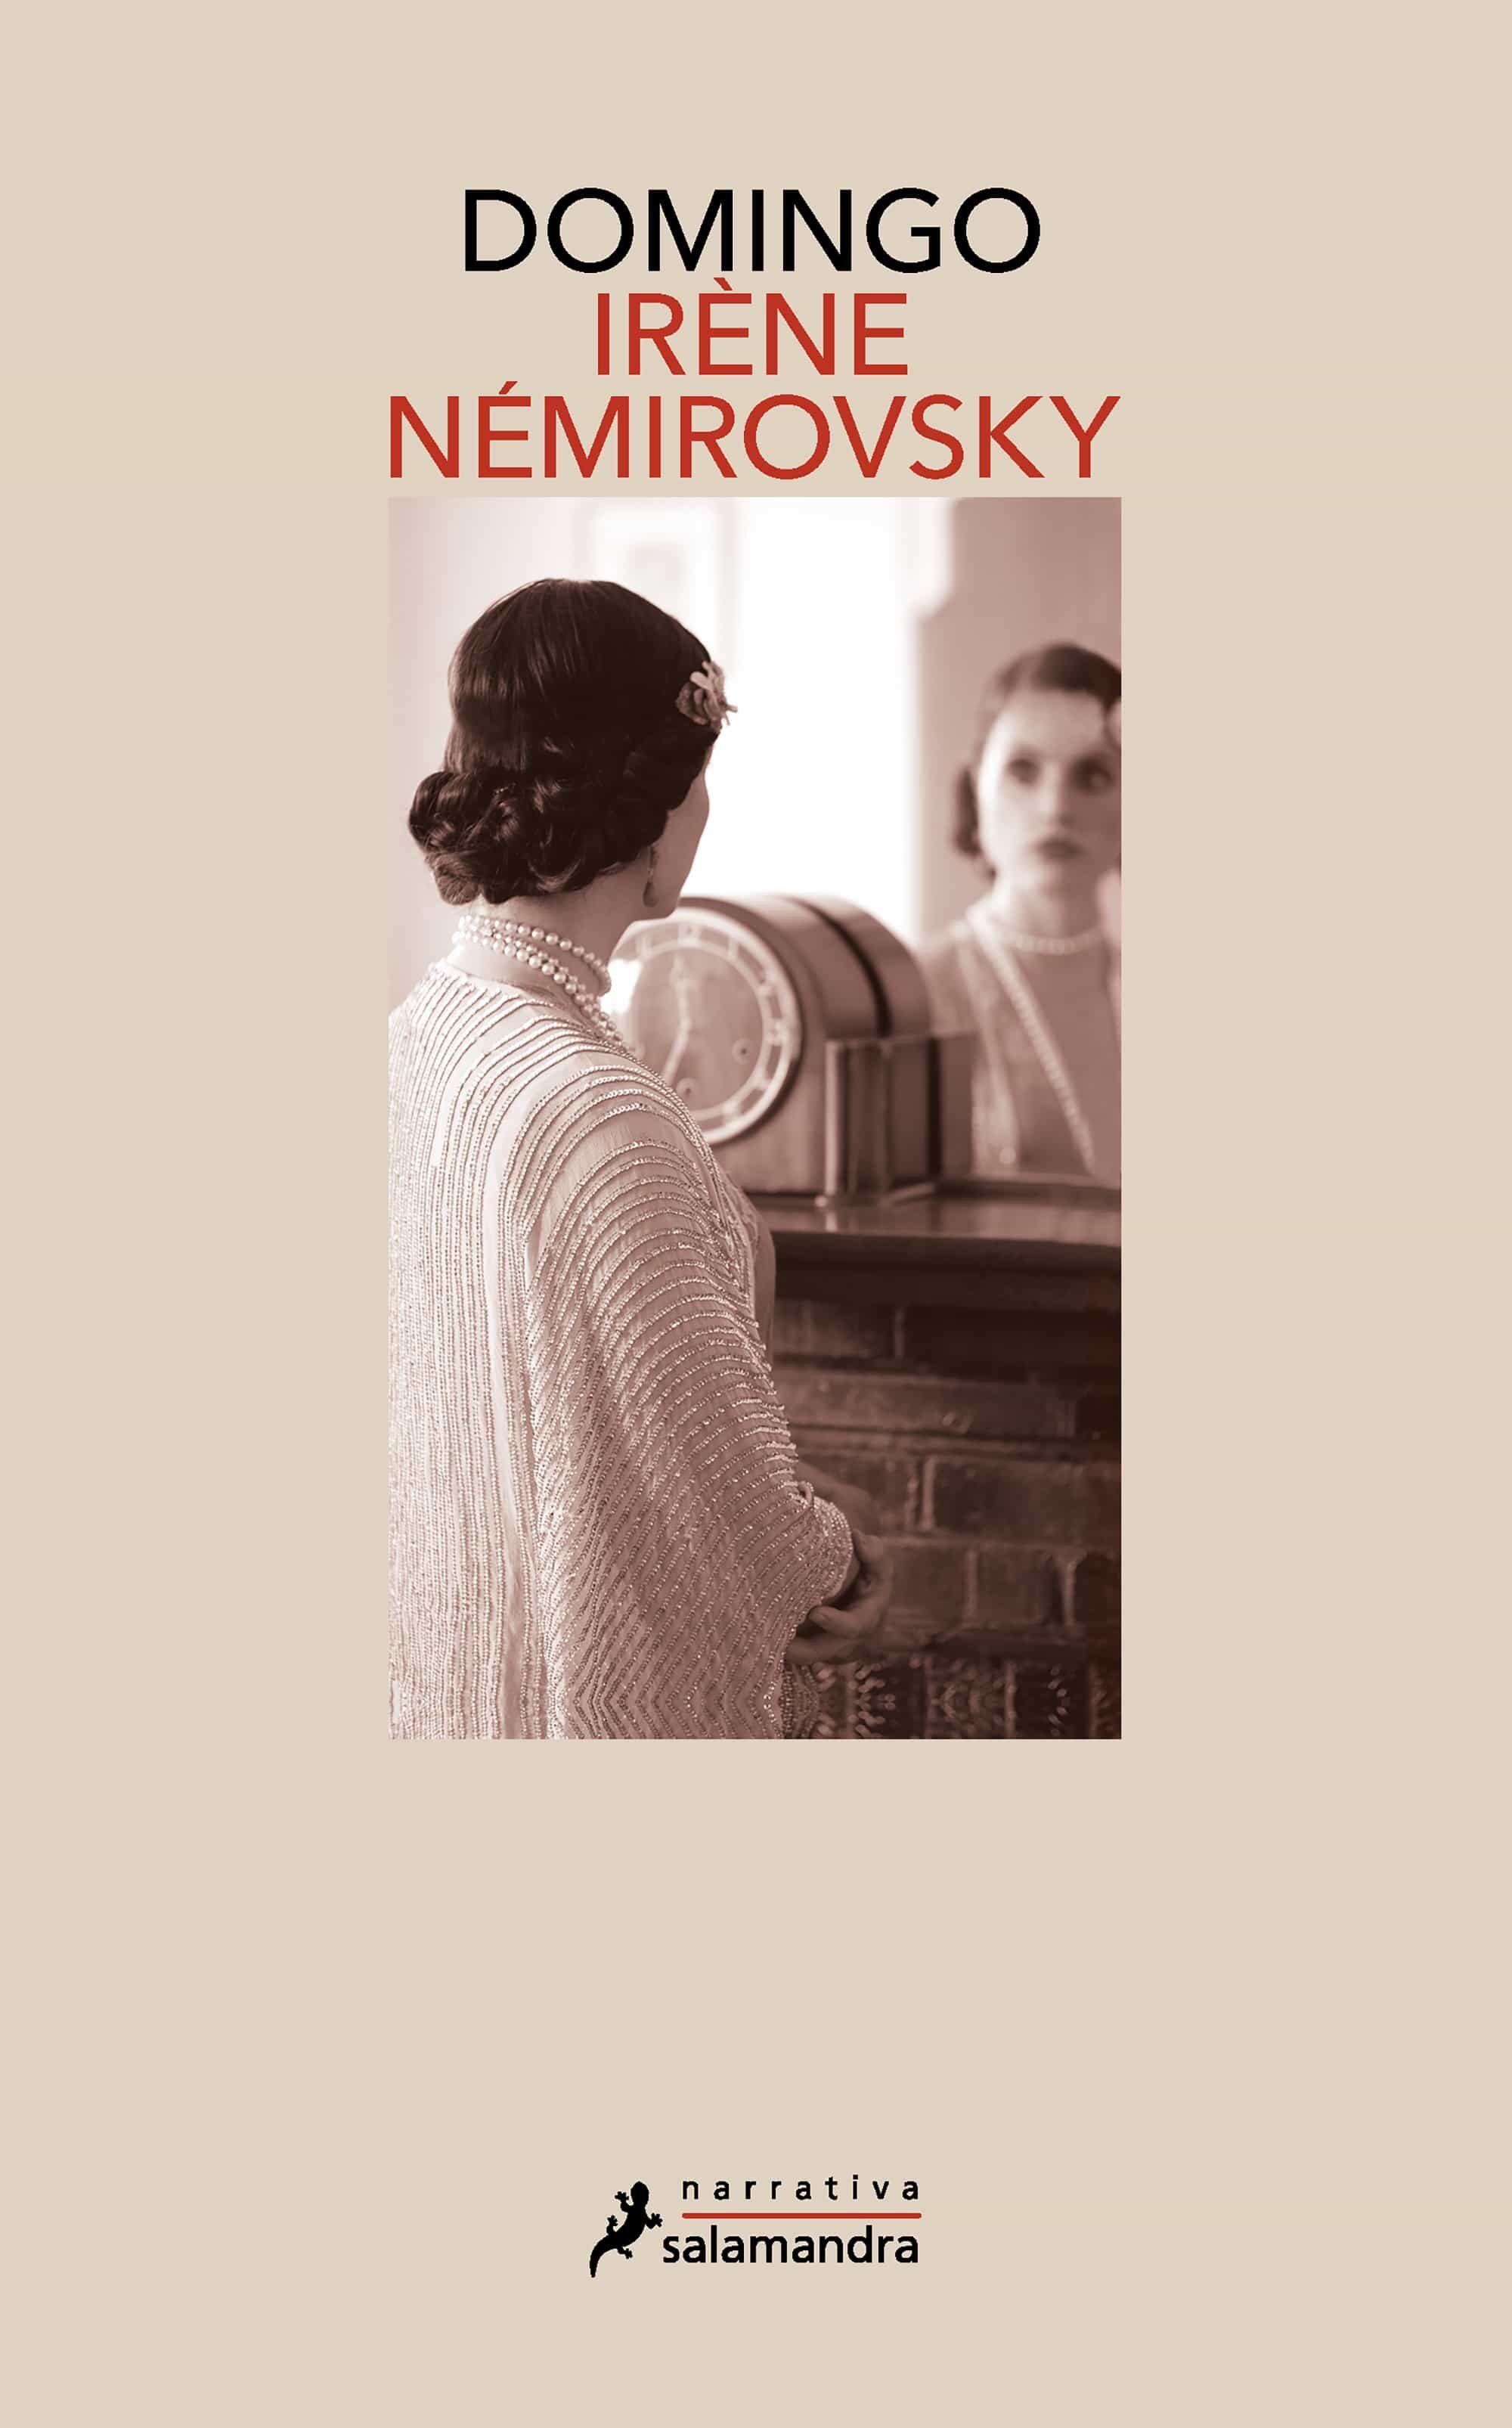 Domingo - Nemirovsky Irene